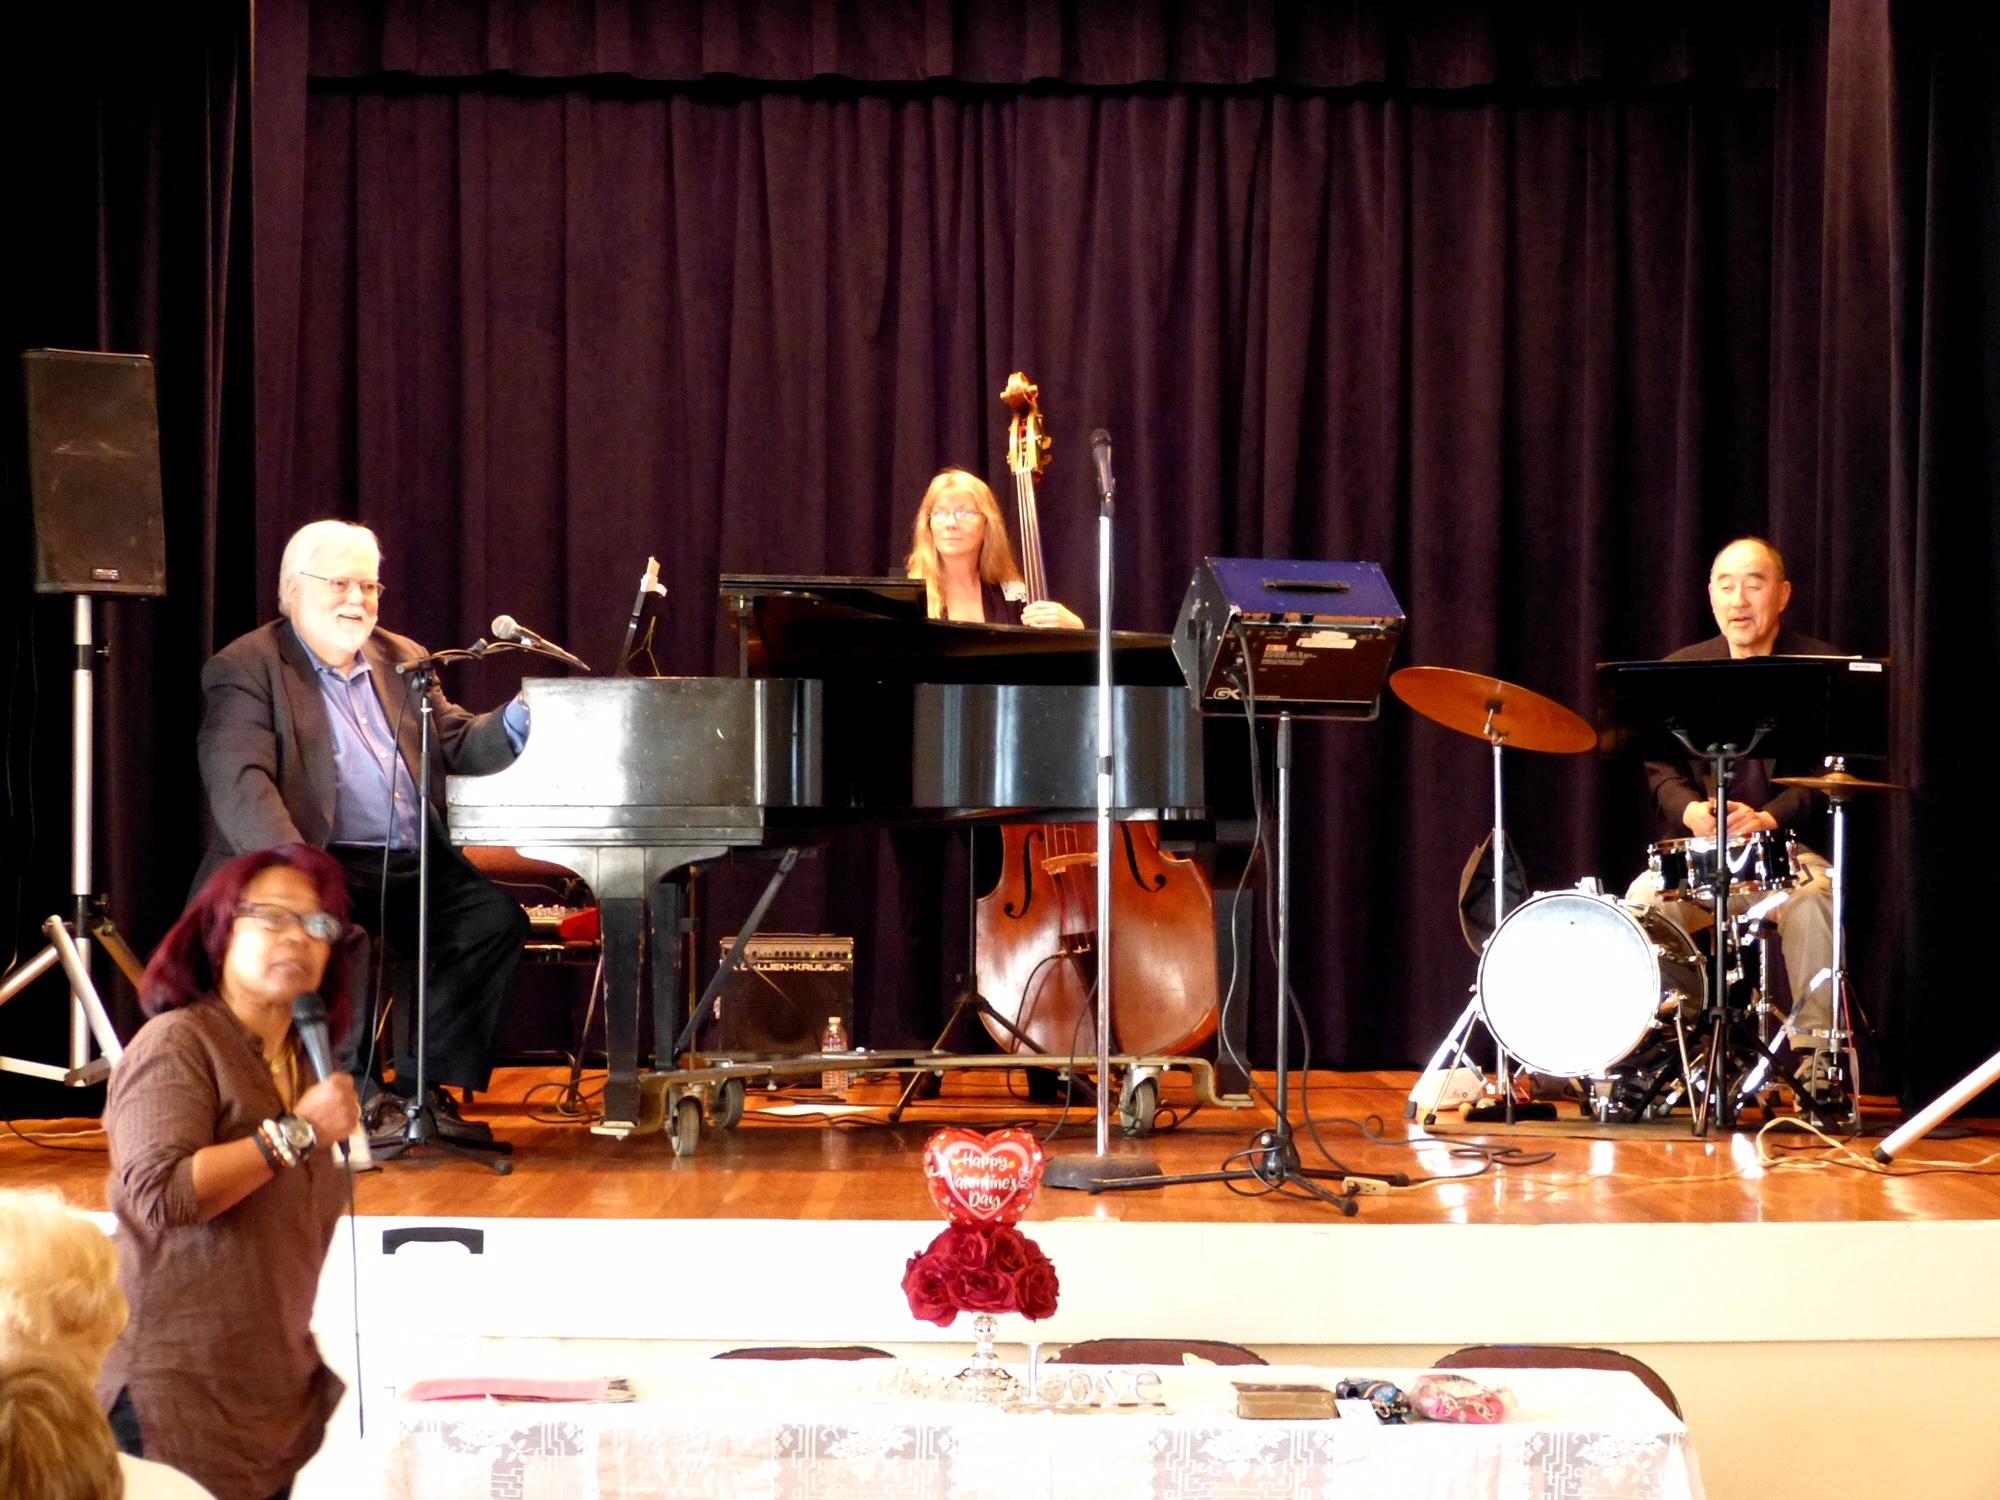 Karen Hutchinson (BMC Co-Pres.), Larry Dunlap (piano), Ruth Davis (bass), Akira Tana (drums)